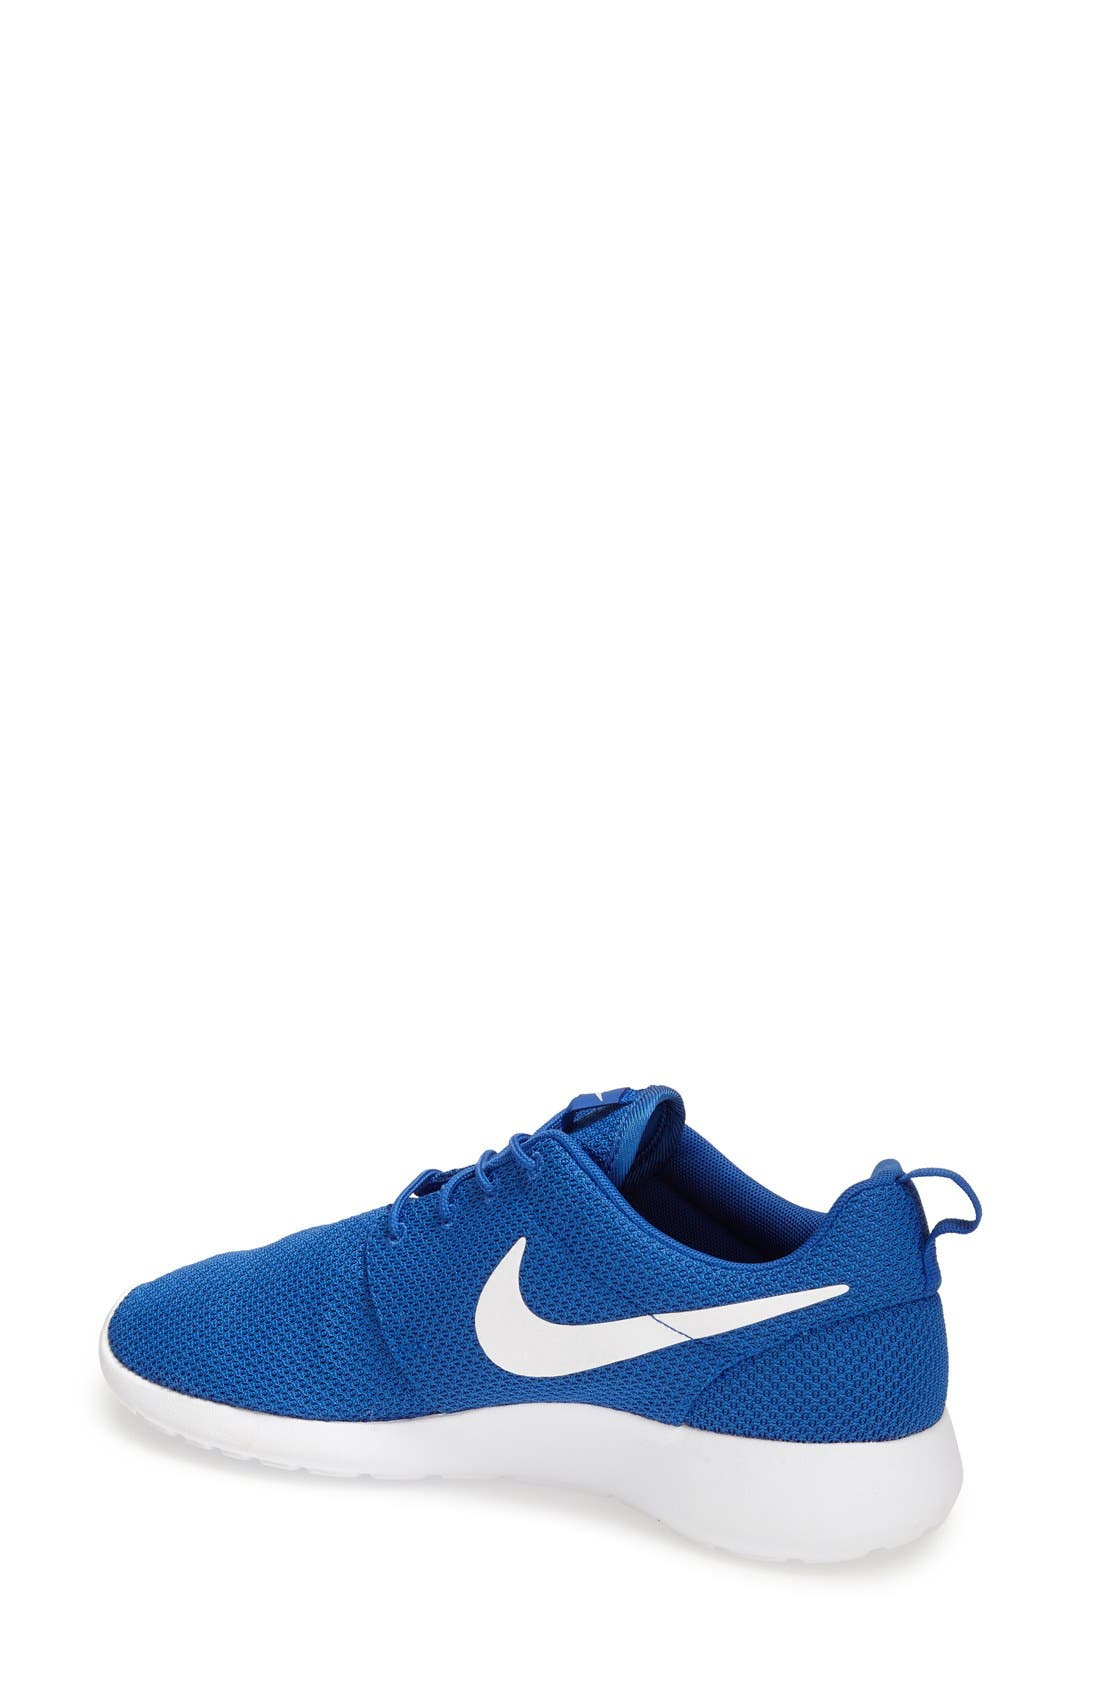 ,                             'Roshe Run' Sneaker,                             Alternate thumbnail 114, color,                             416